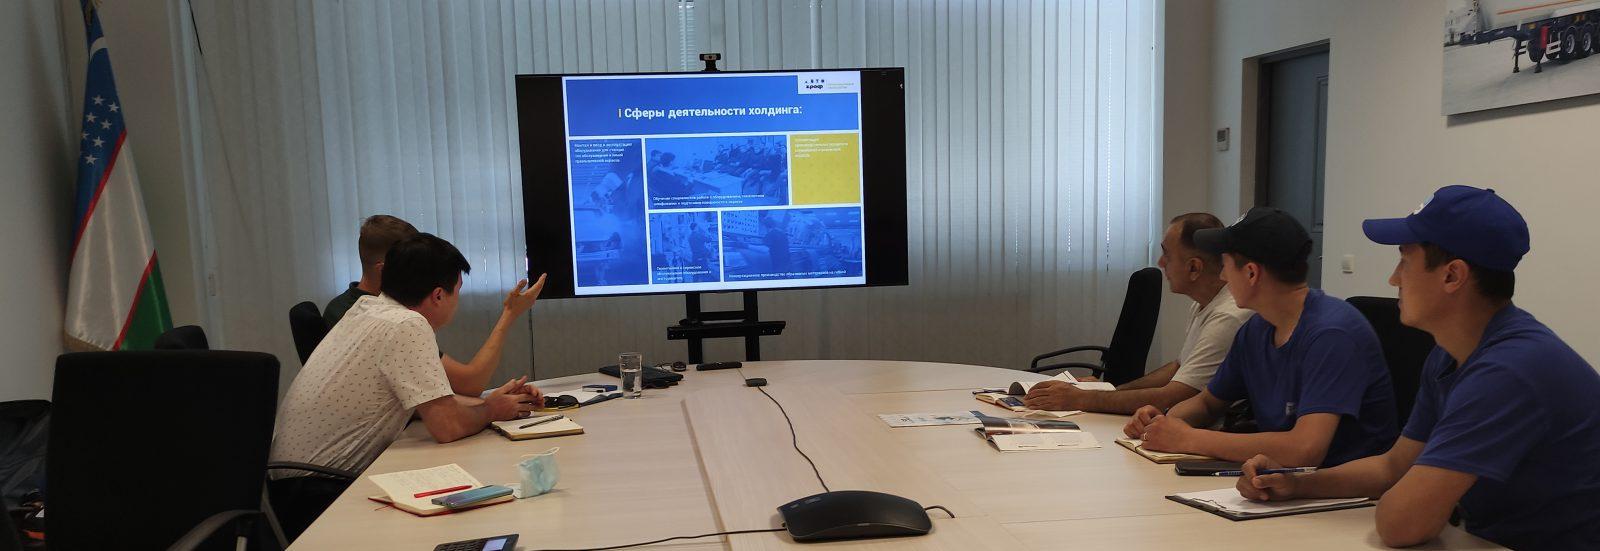 переговоры АВТОграф ПТ с вагоностроительной отраслью Узбекистана